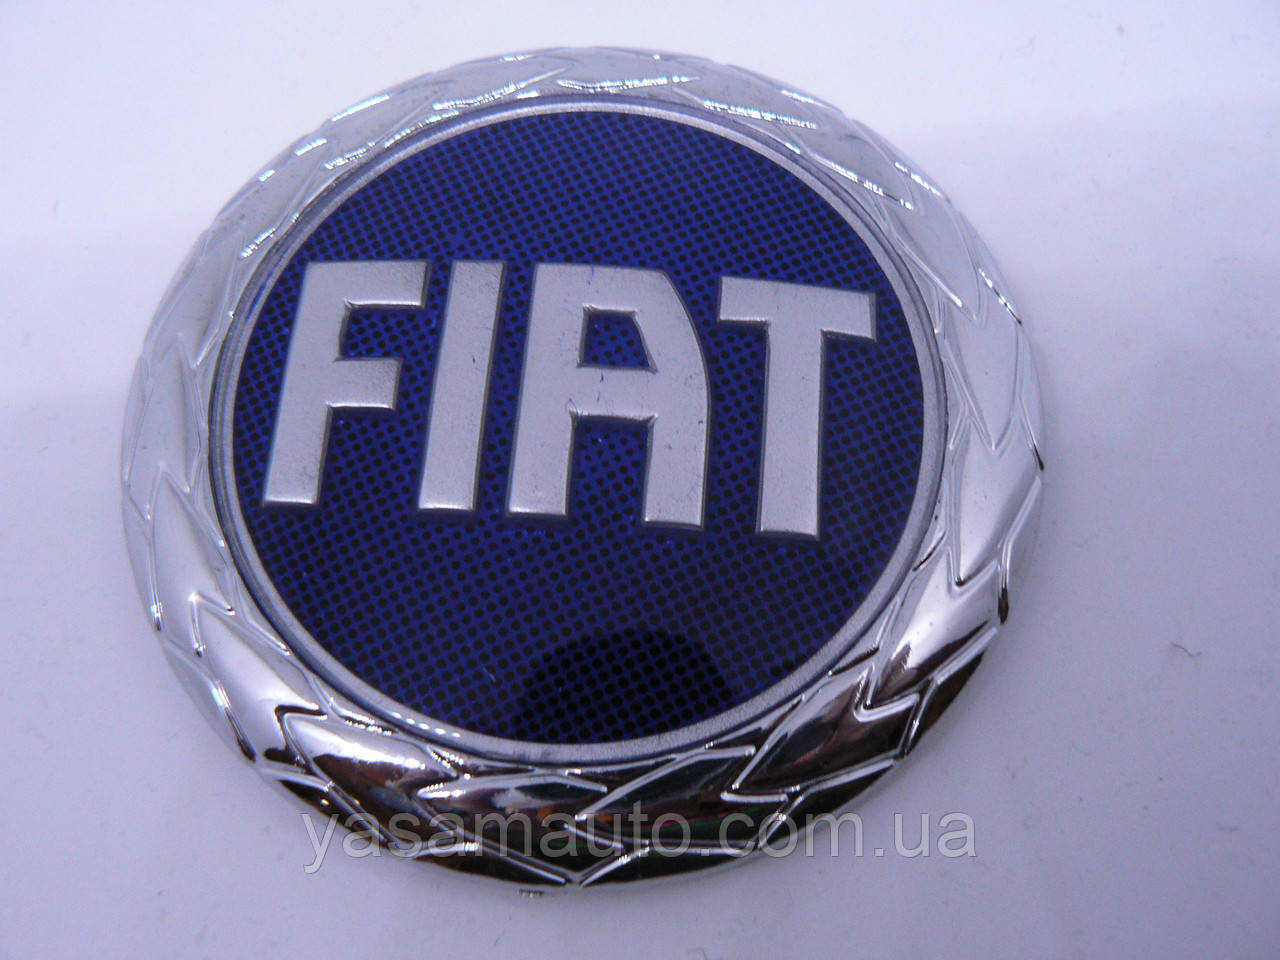 Эмблема z Fiat синяя диаметром 74,5мм маленькая Фиат в крапинку наклейка на авто